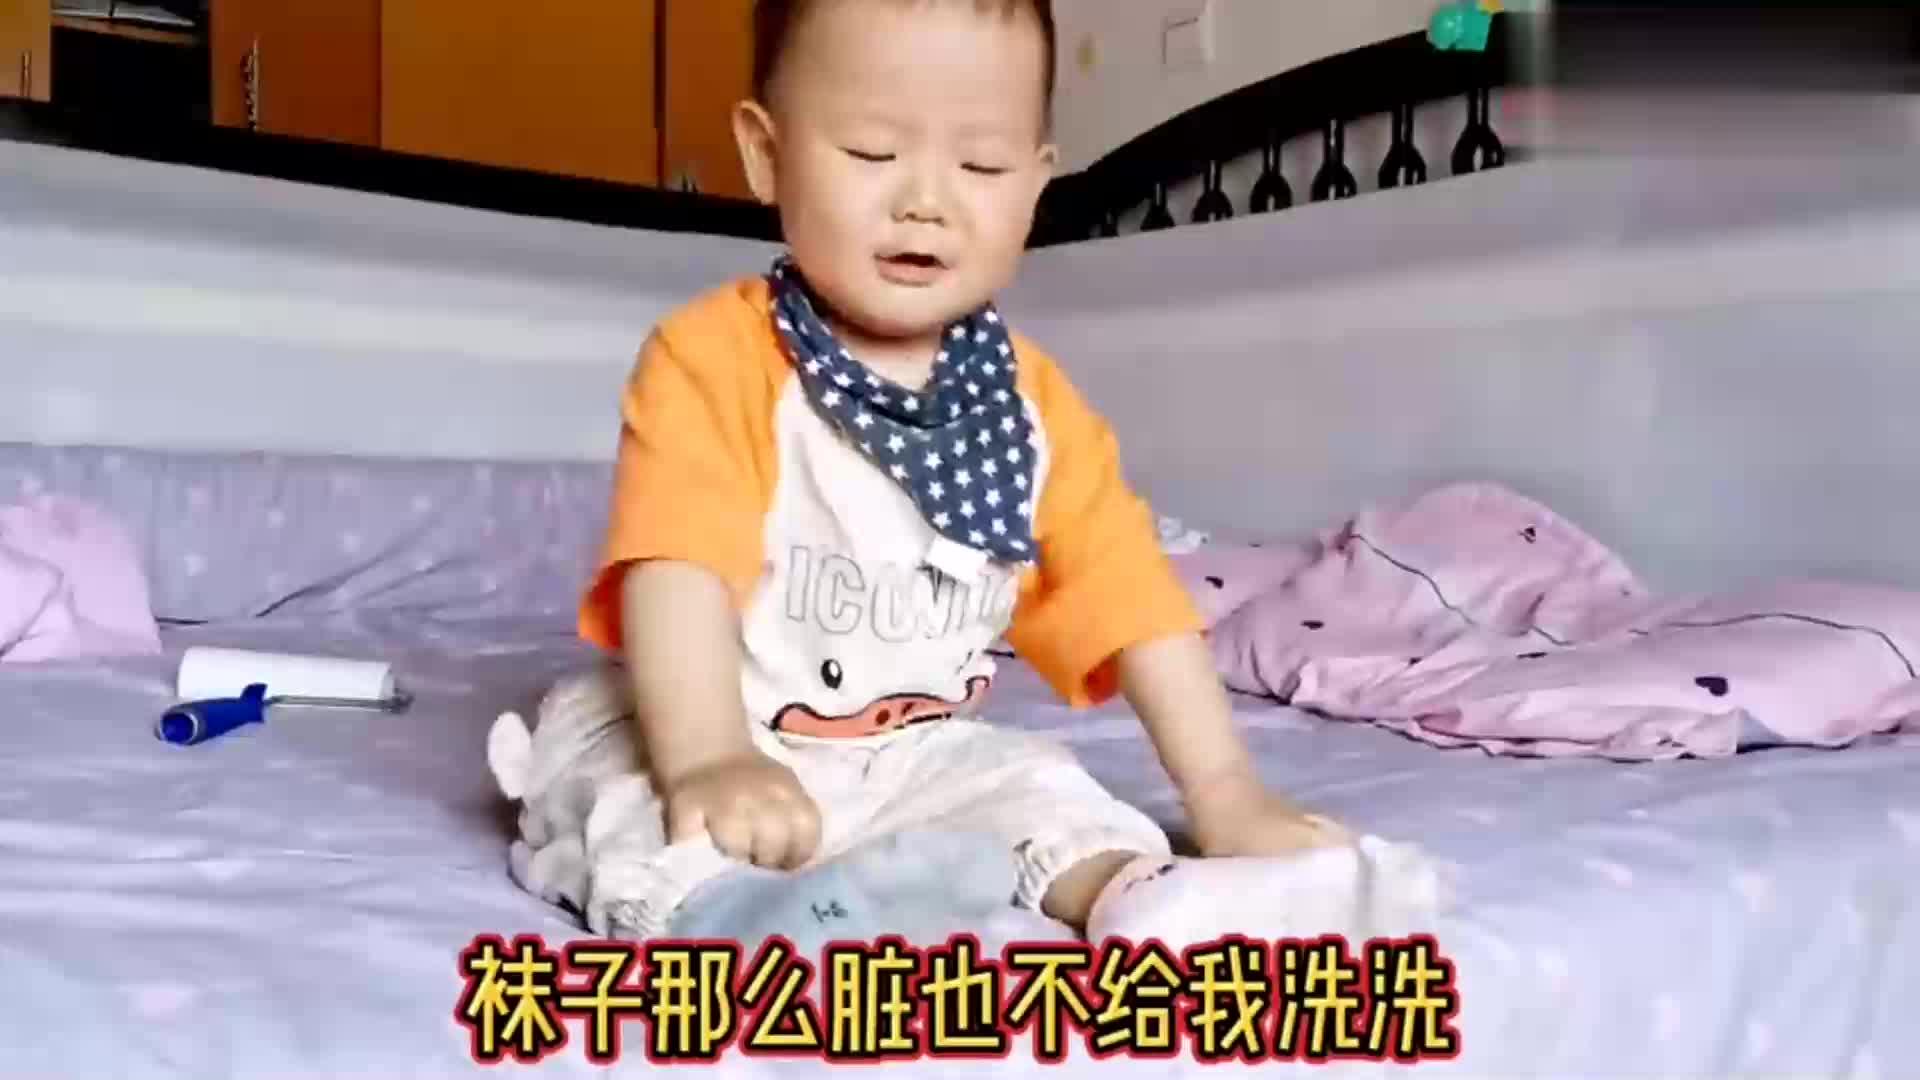 宝宝使出吃奶劲脱袜子,宝妈一旁笑,娃一忍再忍终于忍不住爆发了